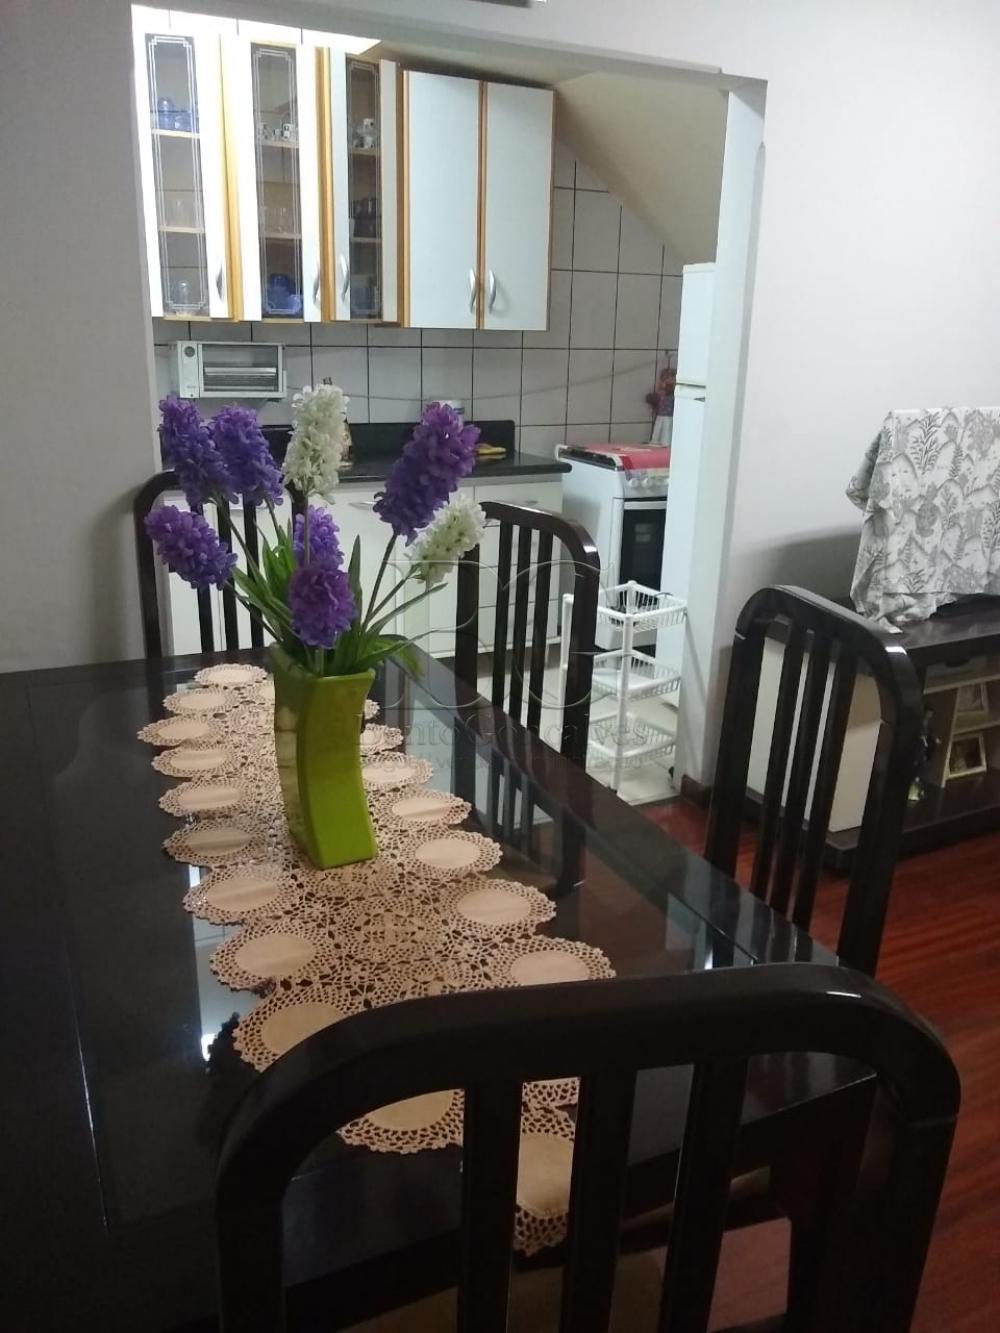 Comprar Apartamentos / Predio comercial e Residencial em Poços de Caldas apenas R$ 400.000,00 - Foto 7